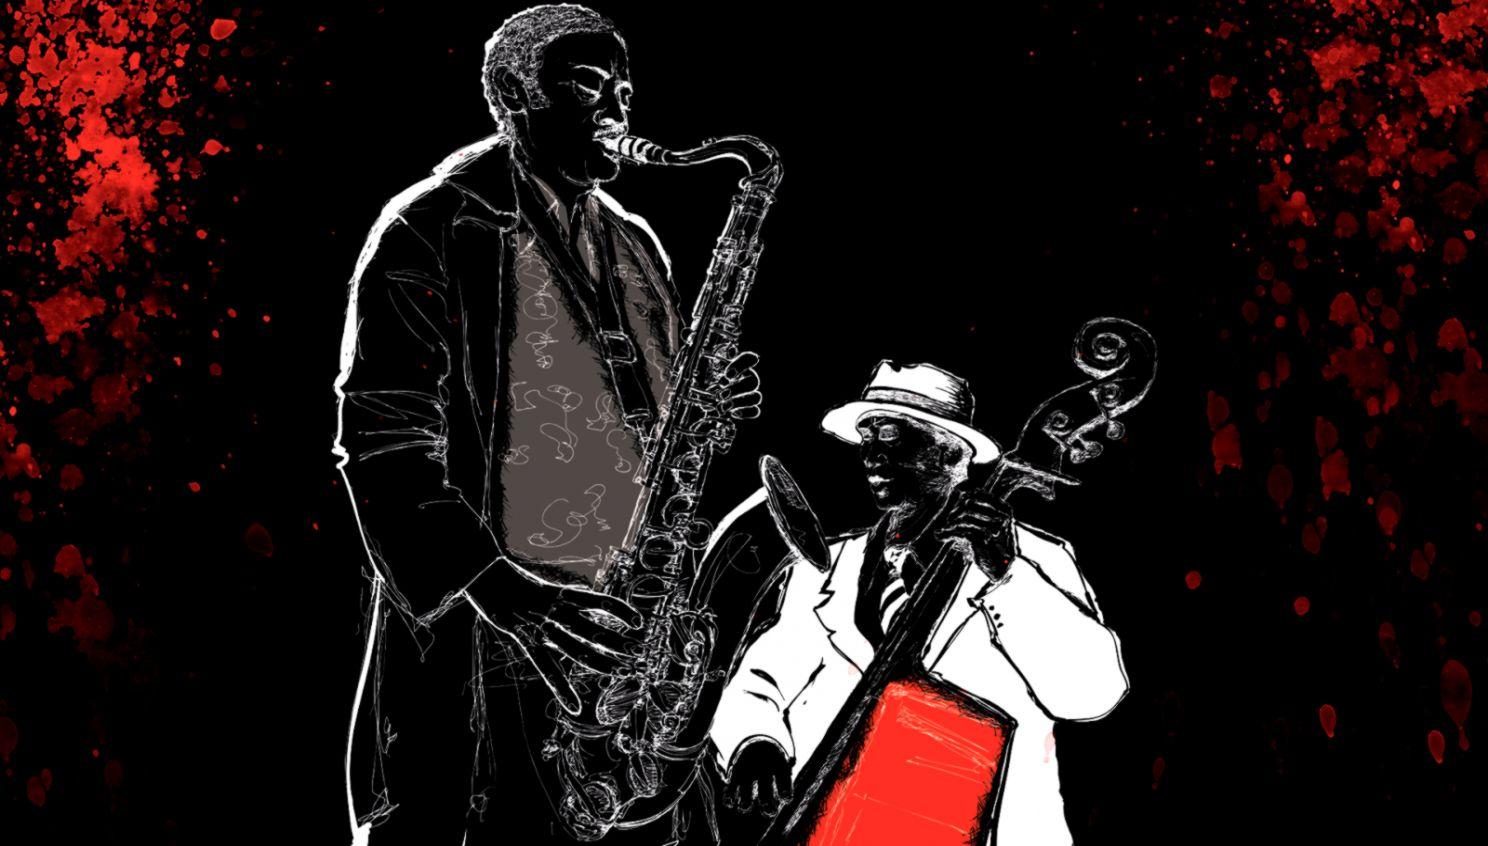 Bass Sax Jazz Music Wallpaper Free Wallpaper WallpaperLepi